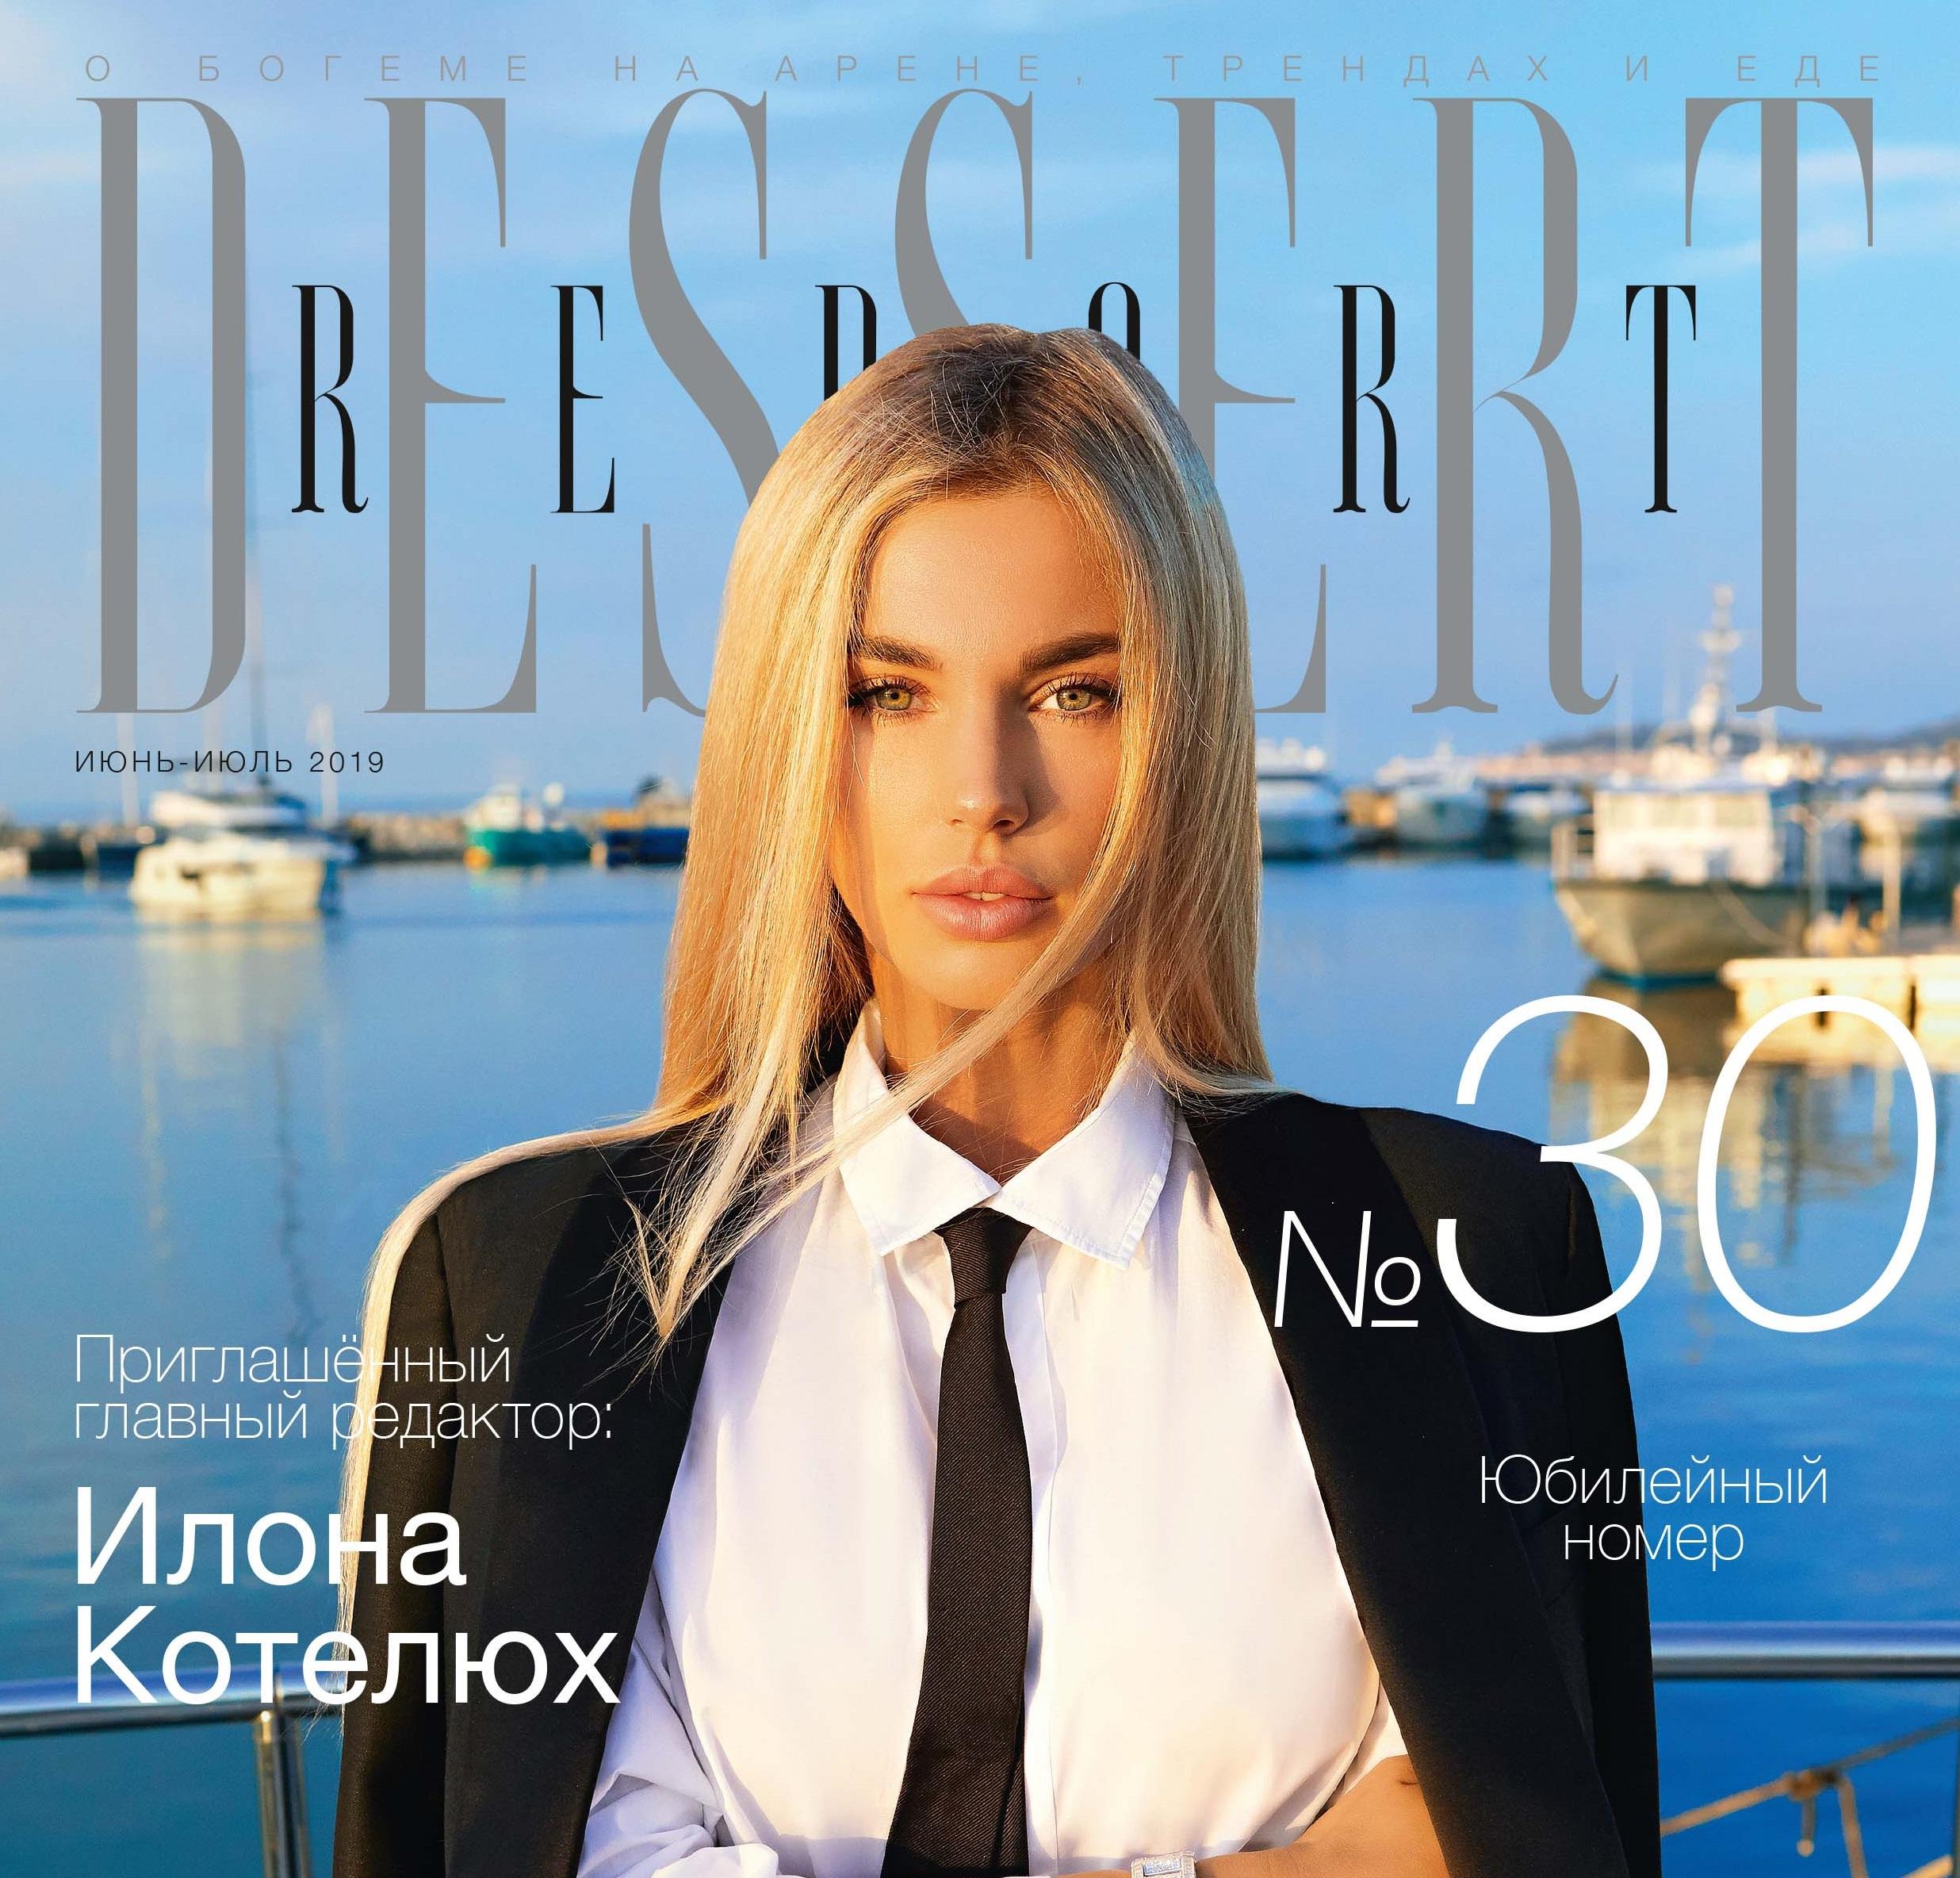 Фото: Юбилейный номер журнала Dessert Report уже в продаже